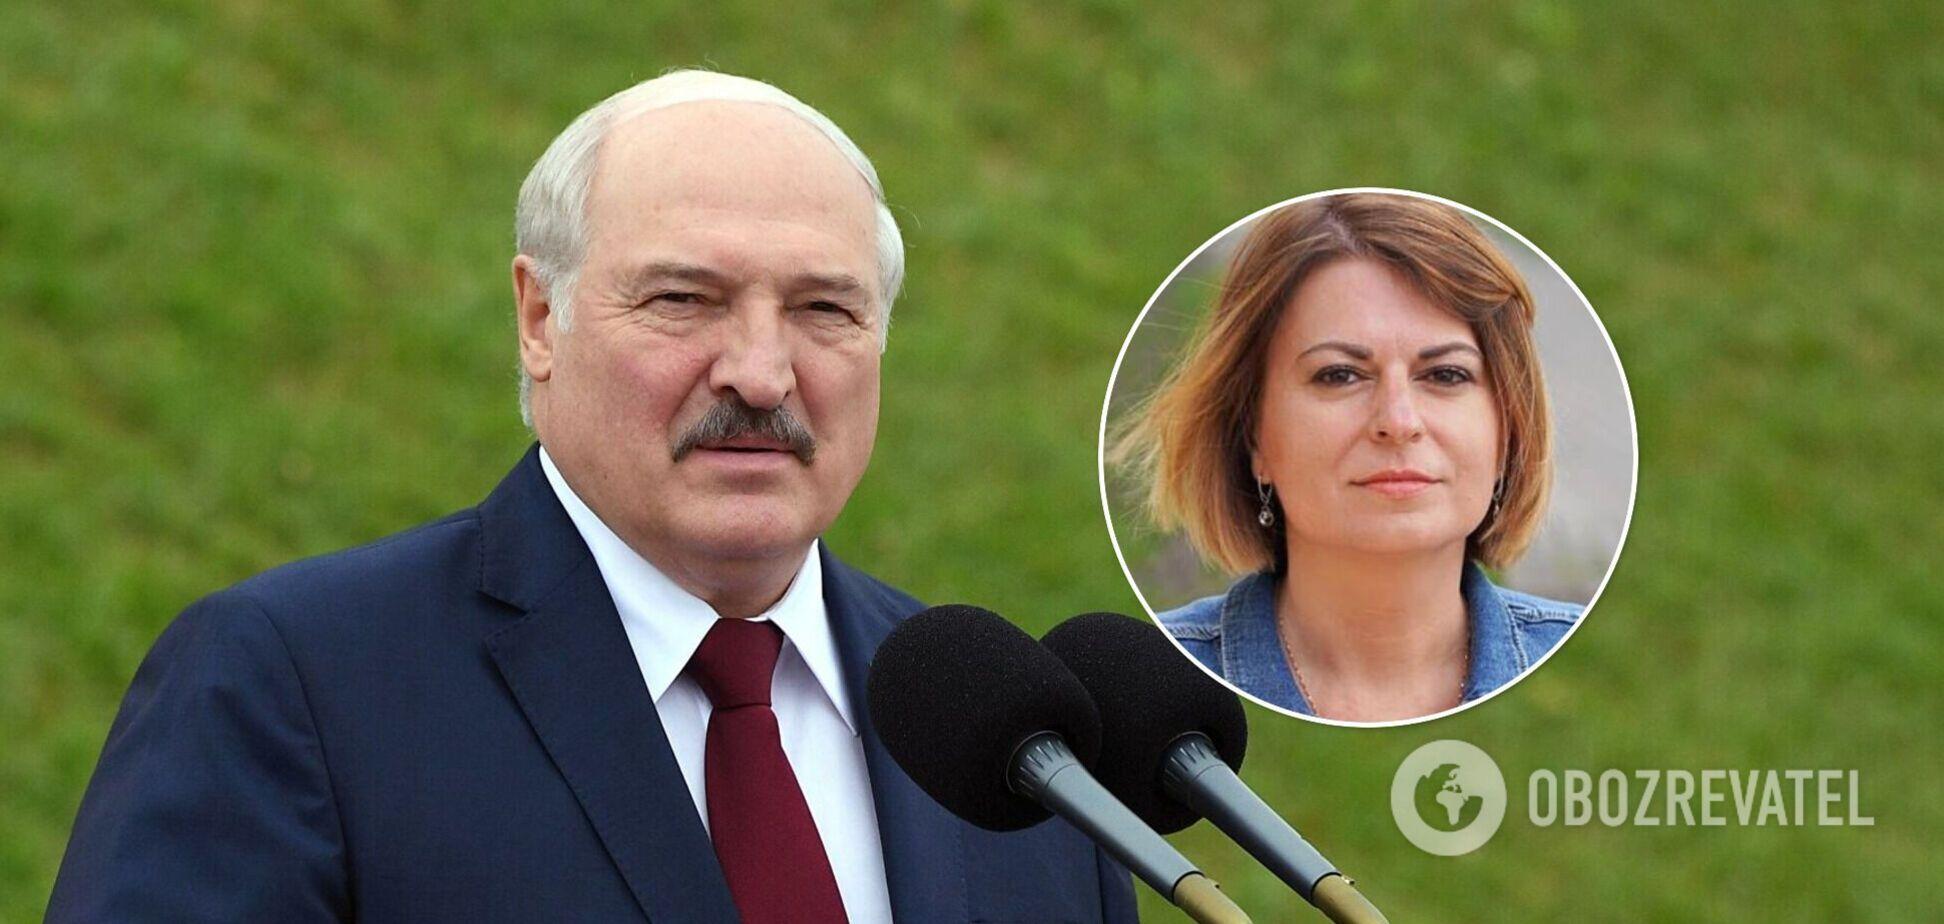 Журналист назвала Лукашенко 'колхозным диктатором'